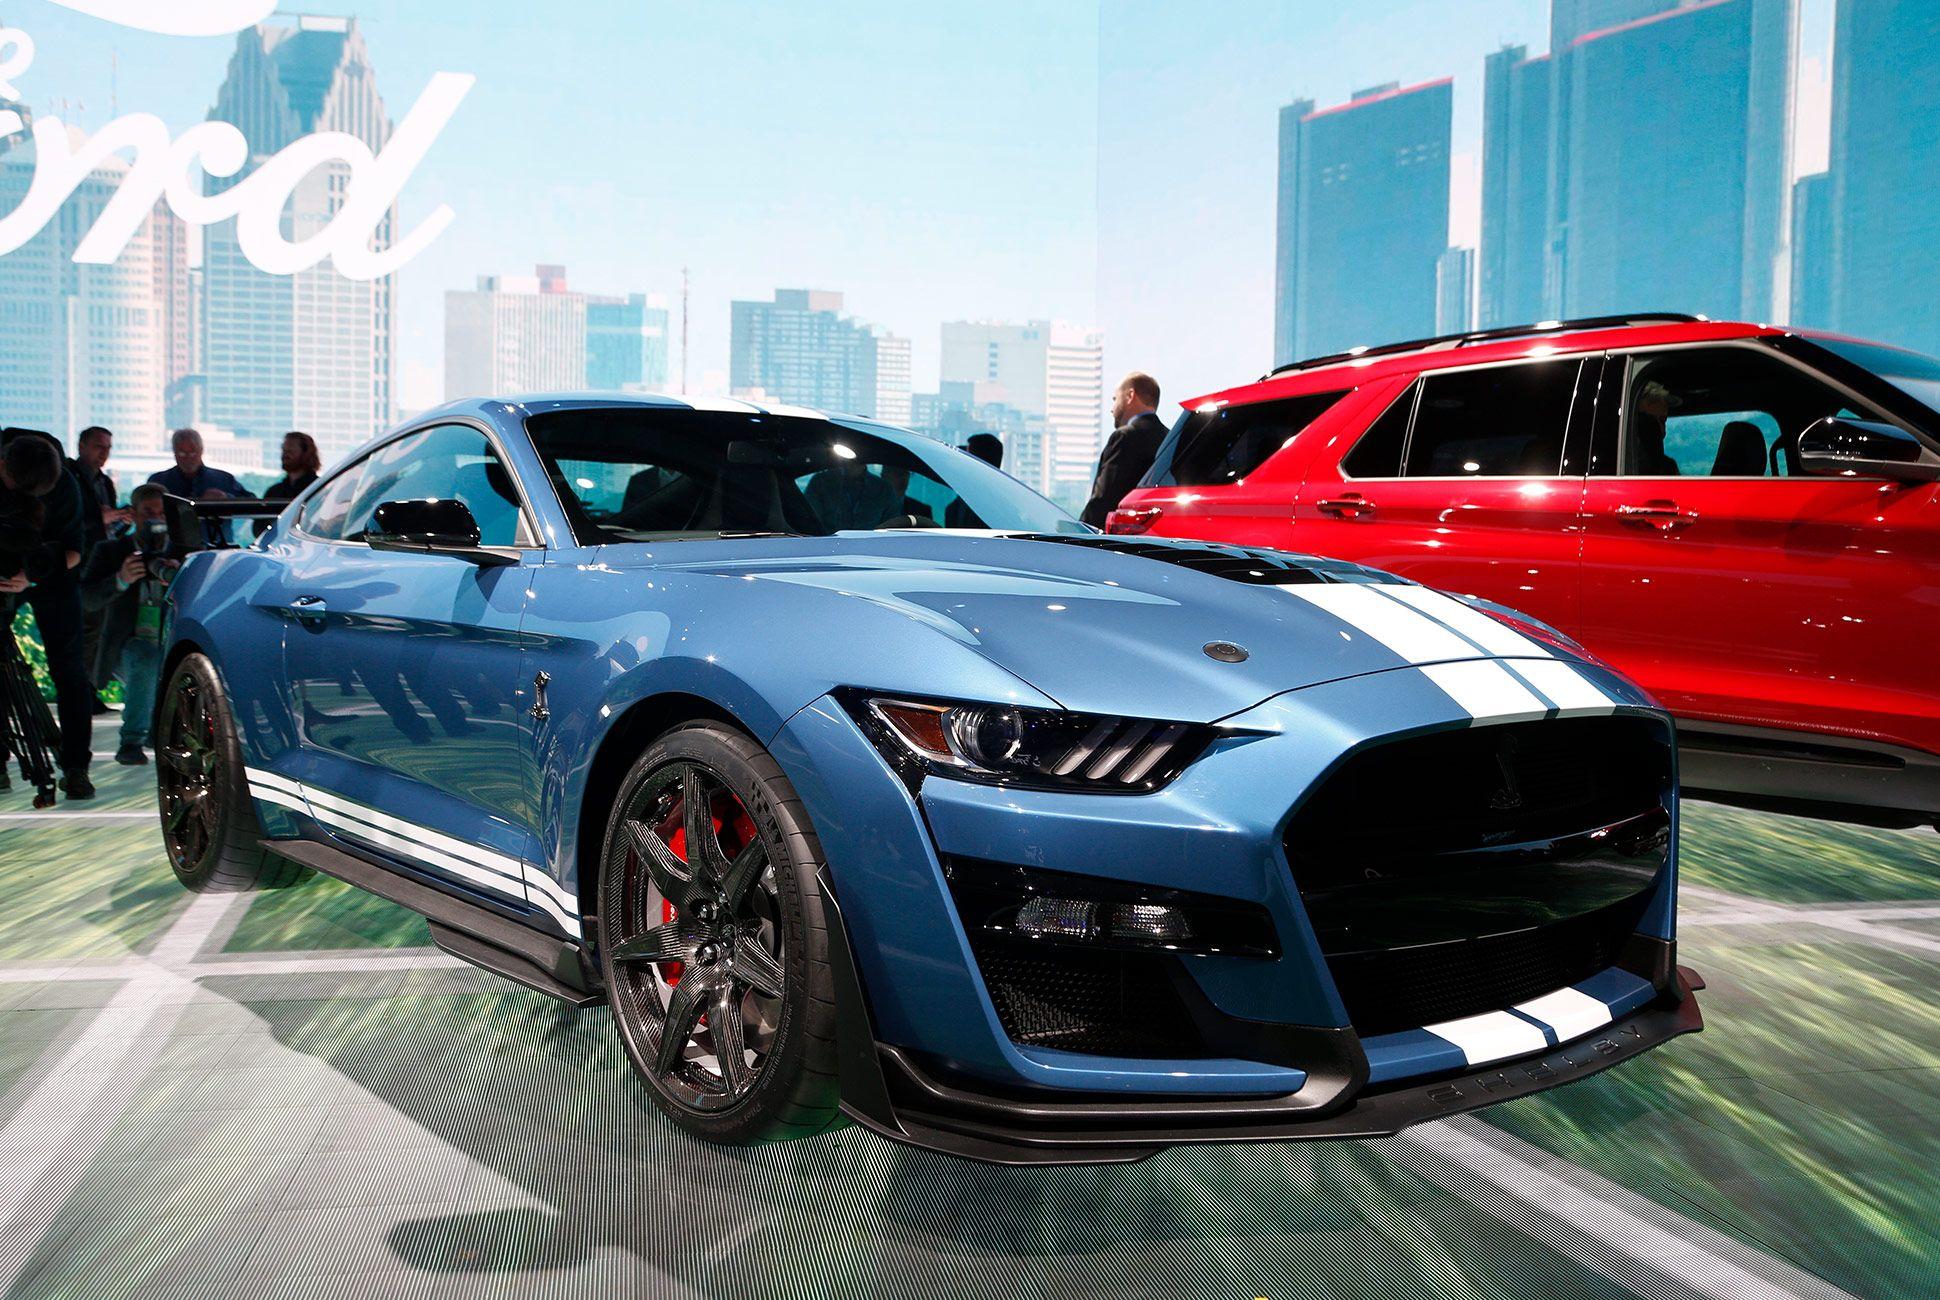 DAS-Best-Details-Gear-Patrol-GT500-Slide-1